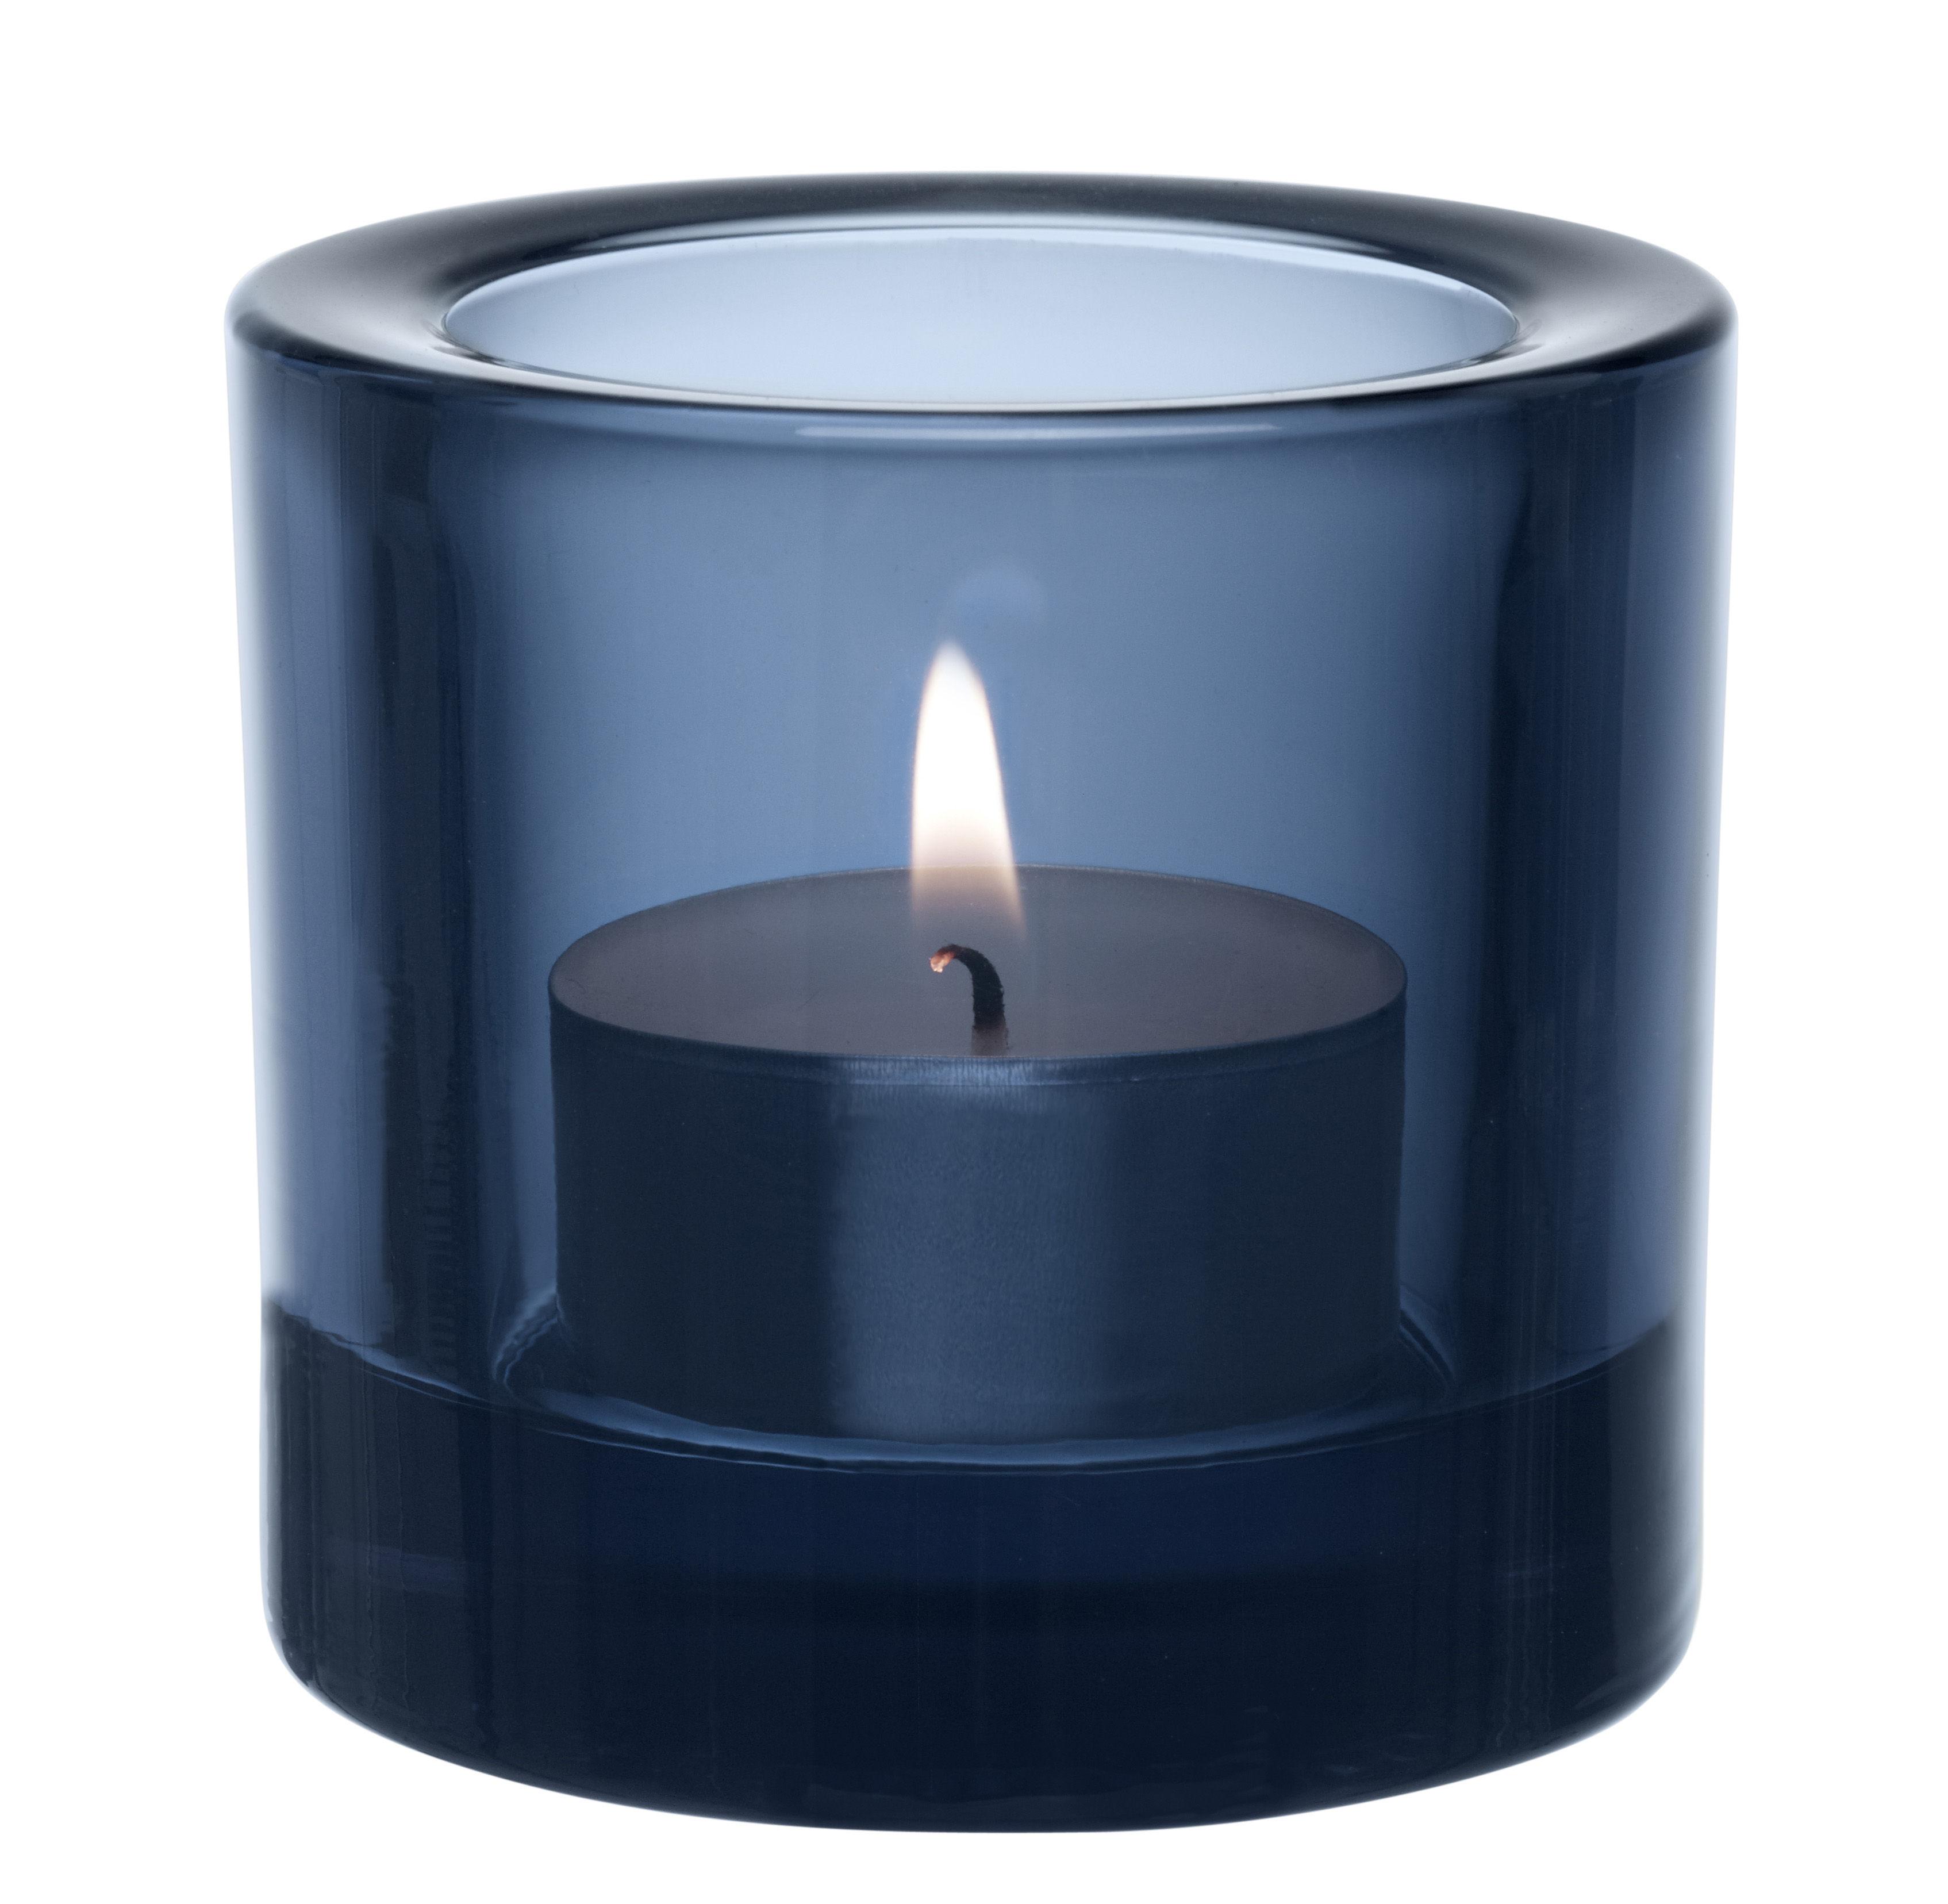 Interni - Candele, Portacandele, Lampade - Portacandela Kivi / H 6 cm - Iittala - Blu pioggia - Vetro